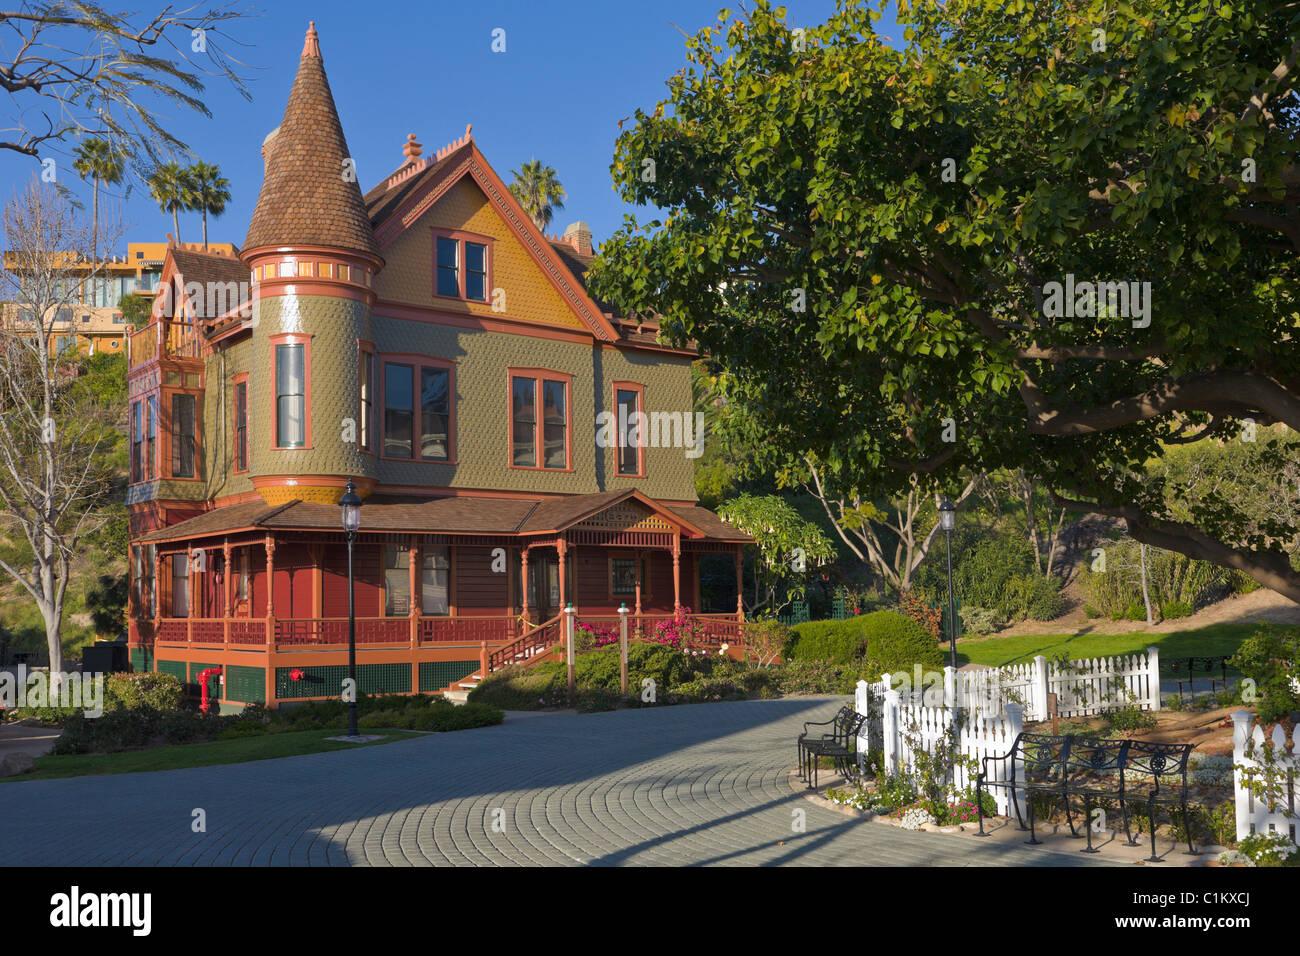 viktorianisches haus viktorianisches dorf heritage park altstadt san diego kalifornien usa. Black Bedroom Furniture Sets. Home Design Ideas